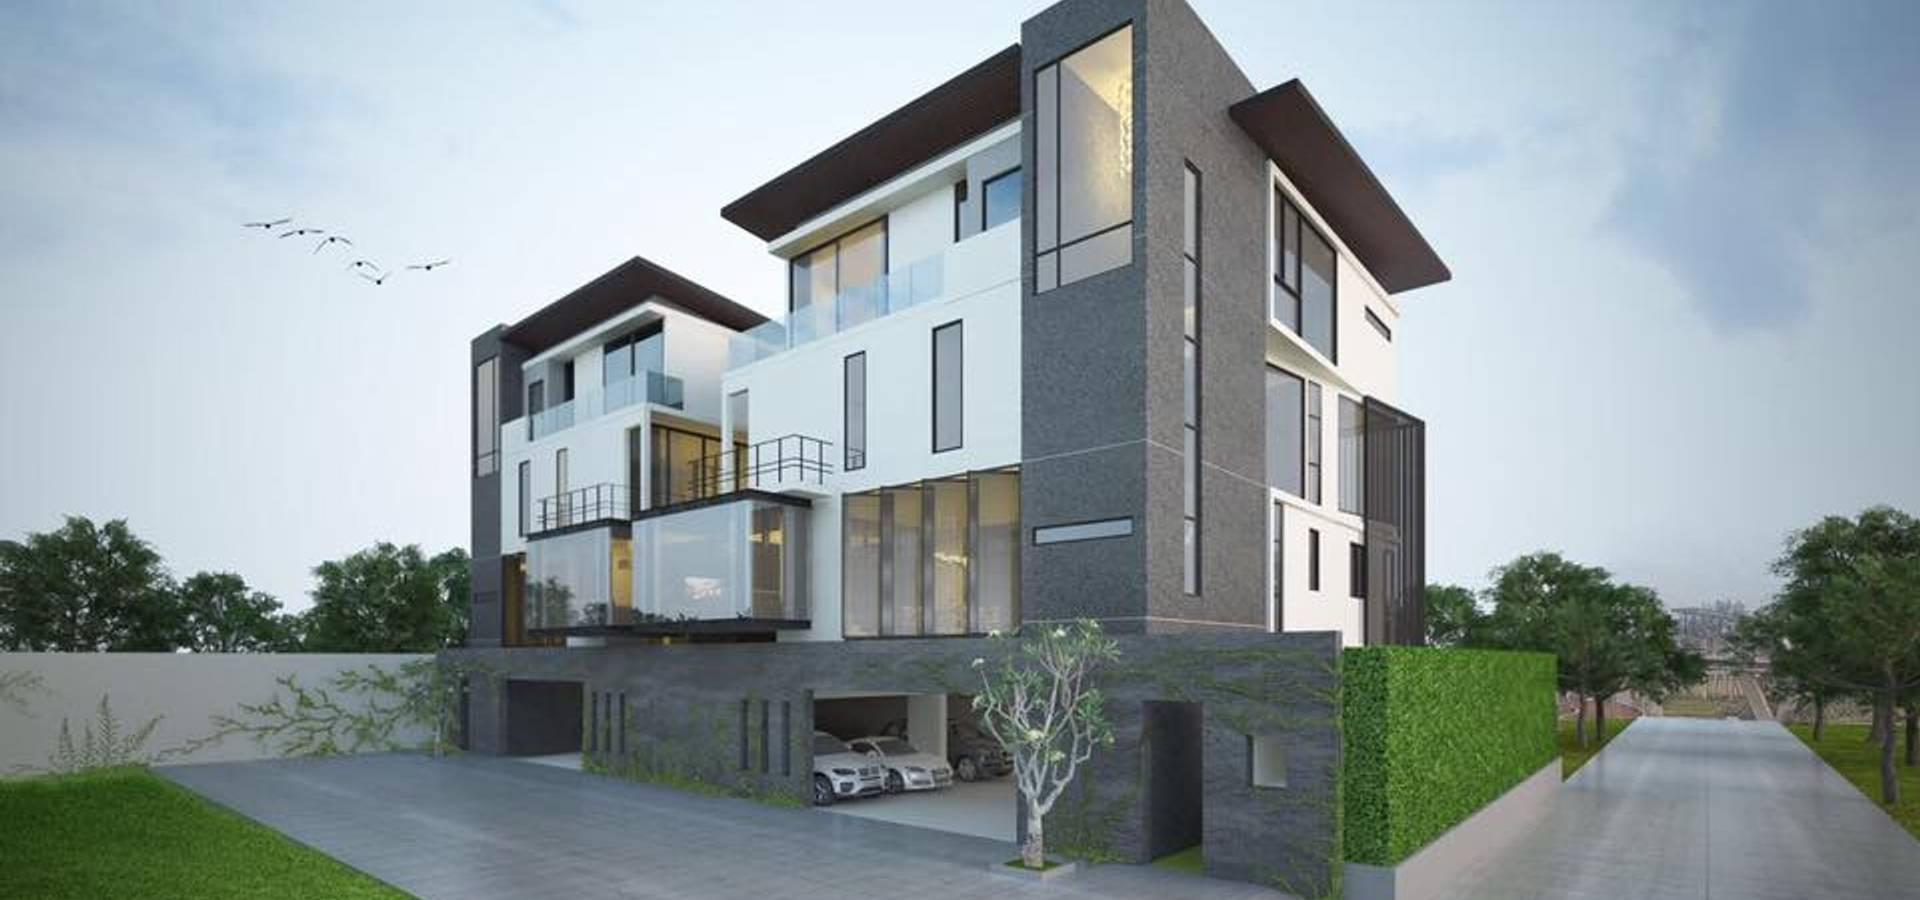 KTJ+d Architects